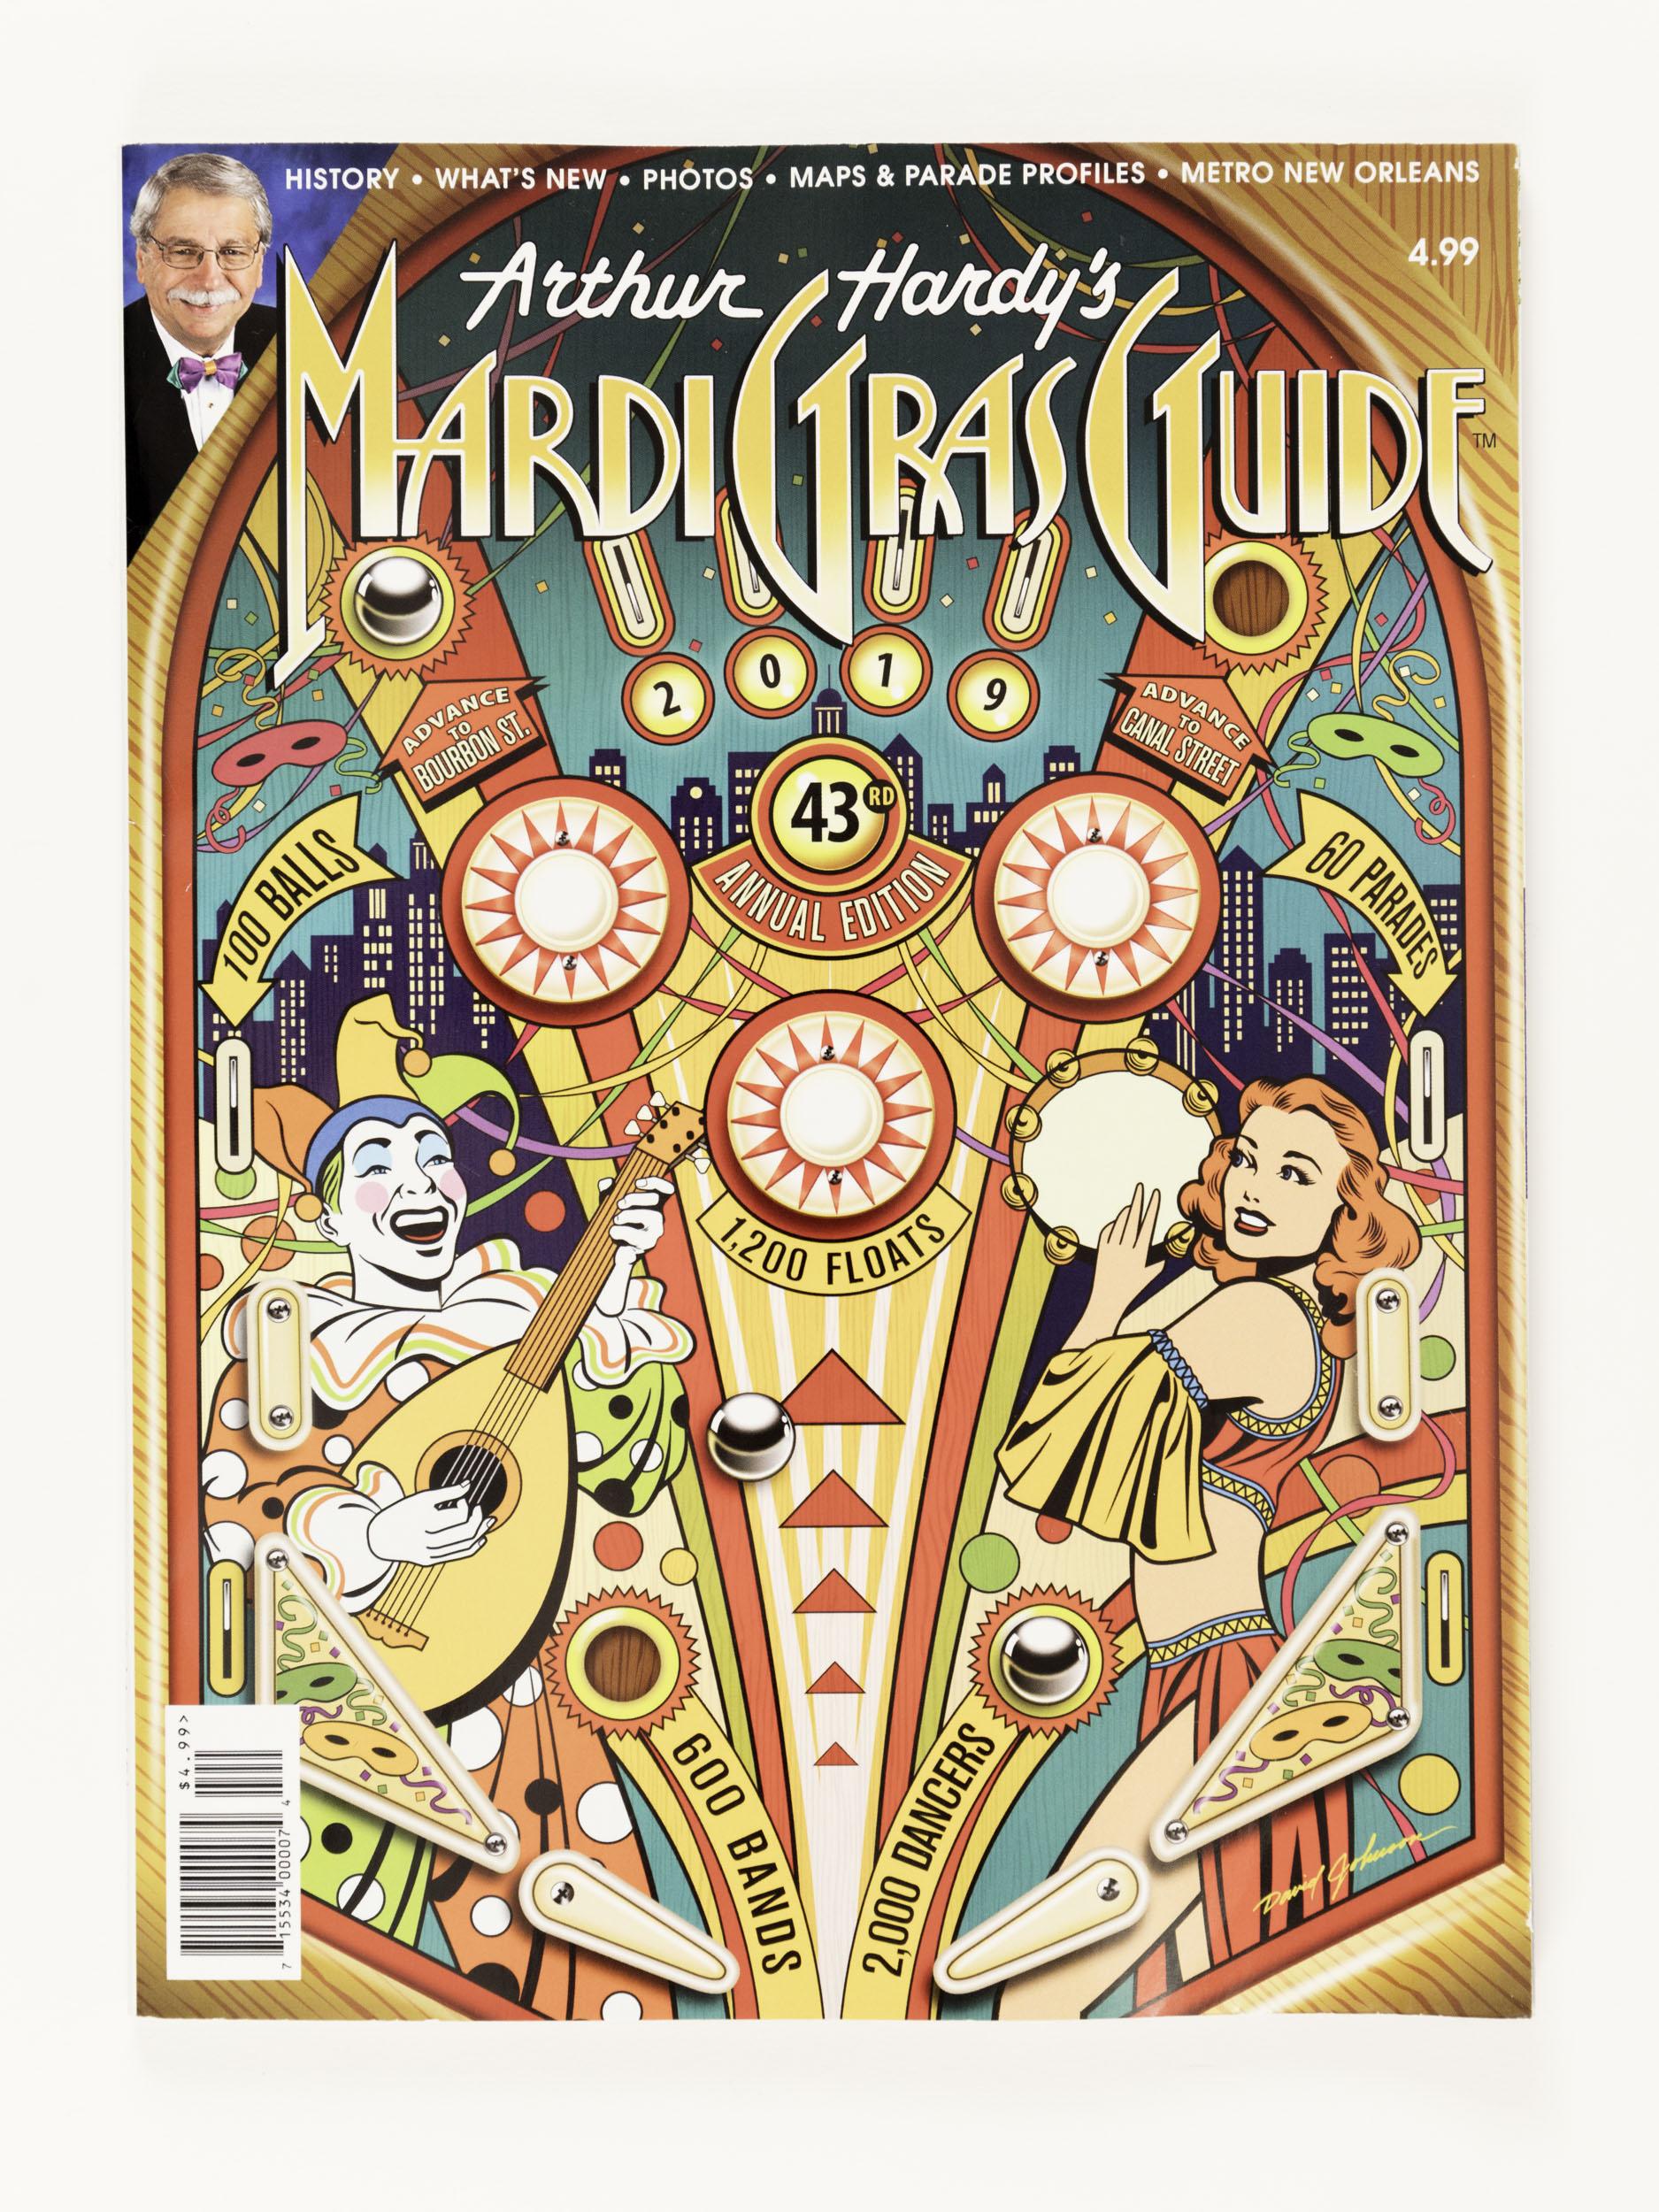 Mardi Gras Guide 2019